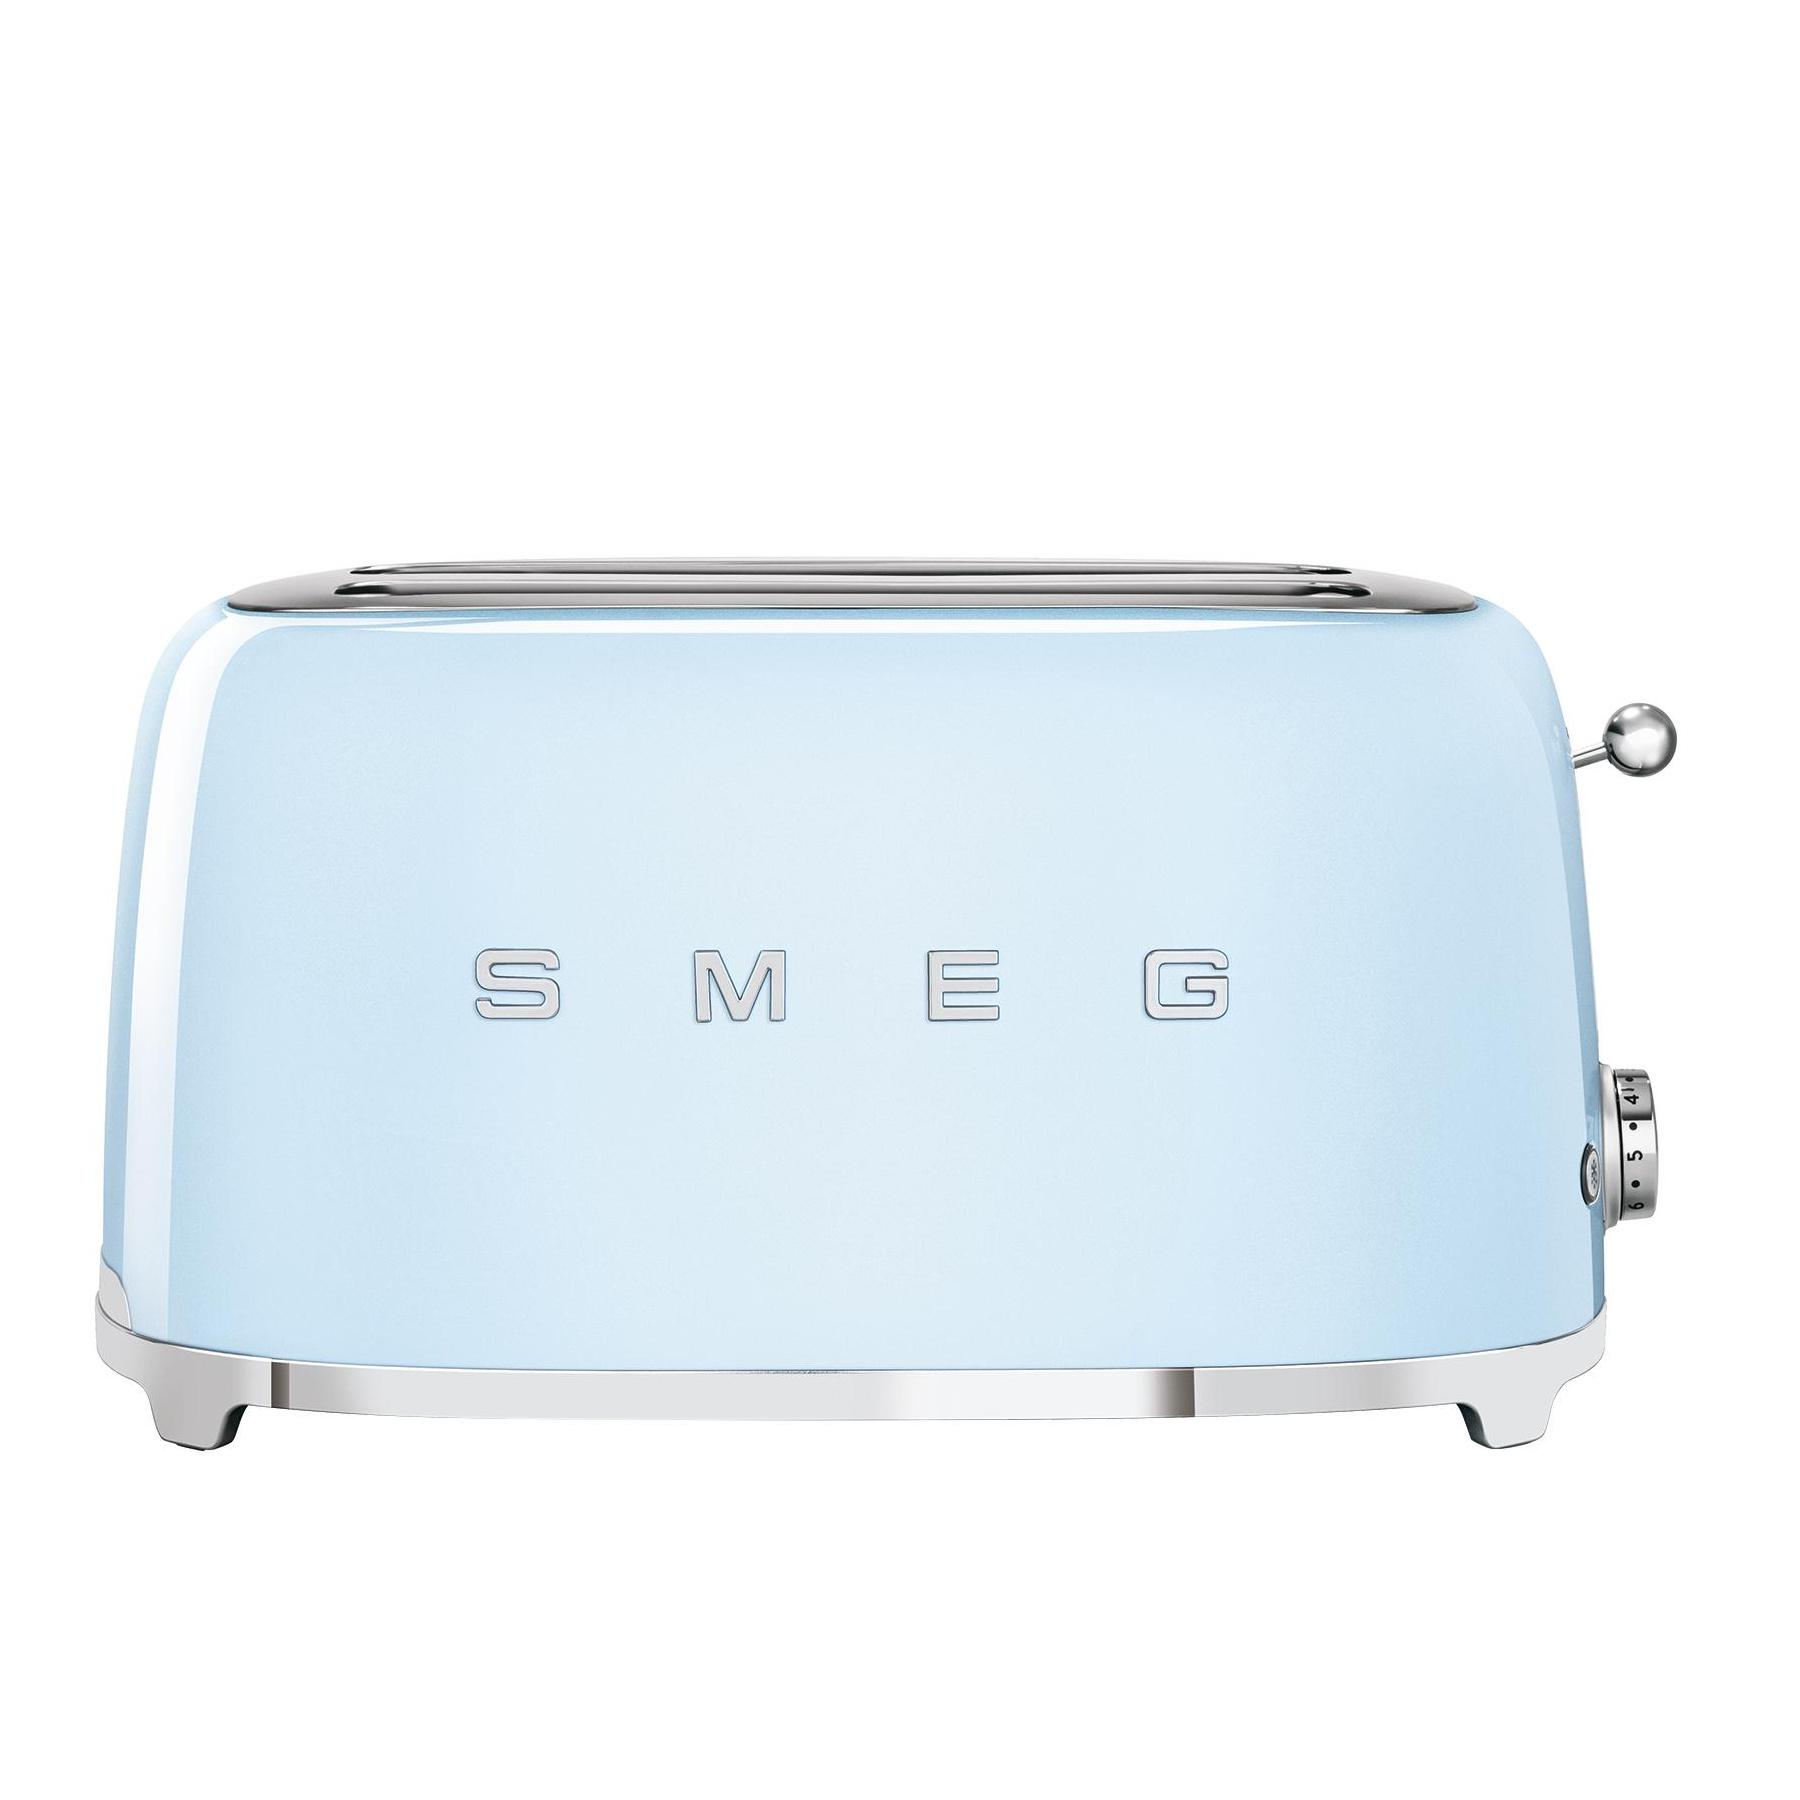 Smeg - TSF02 4-Scheiben Toaster - hellblau/pastellblau/lackiert/BxHxT 41x20|8x21|5cm/6 Röstgradstufen/1500W | Küche und Esszimmer > Küchengeräte > Toaster | Smeg